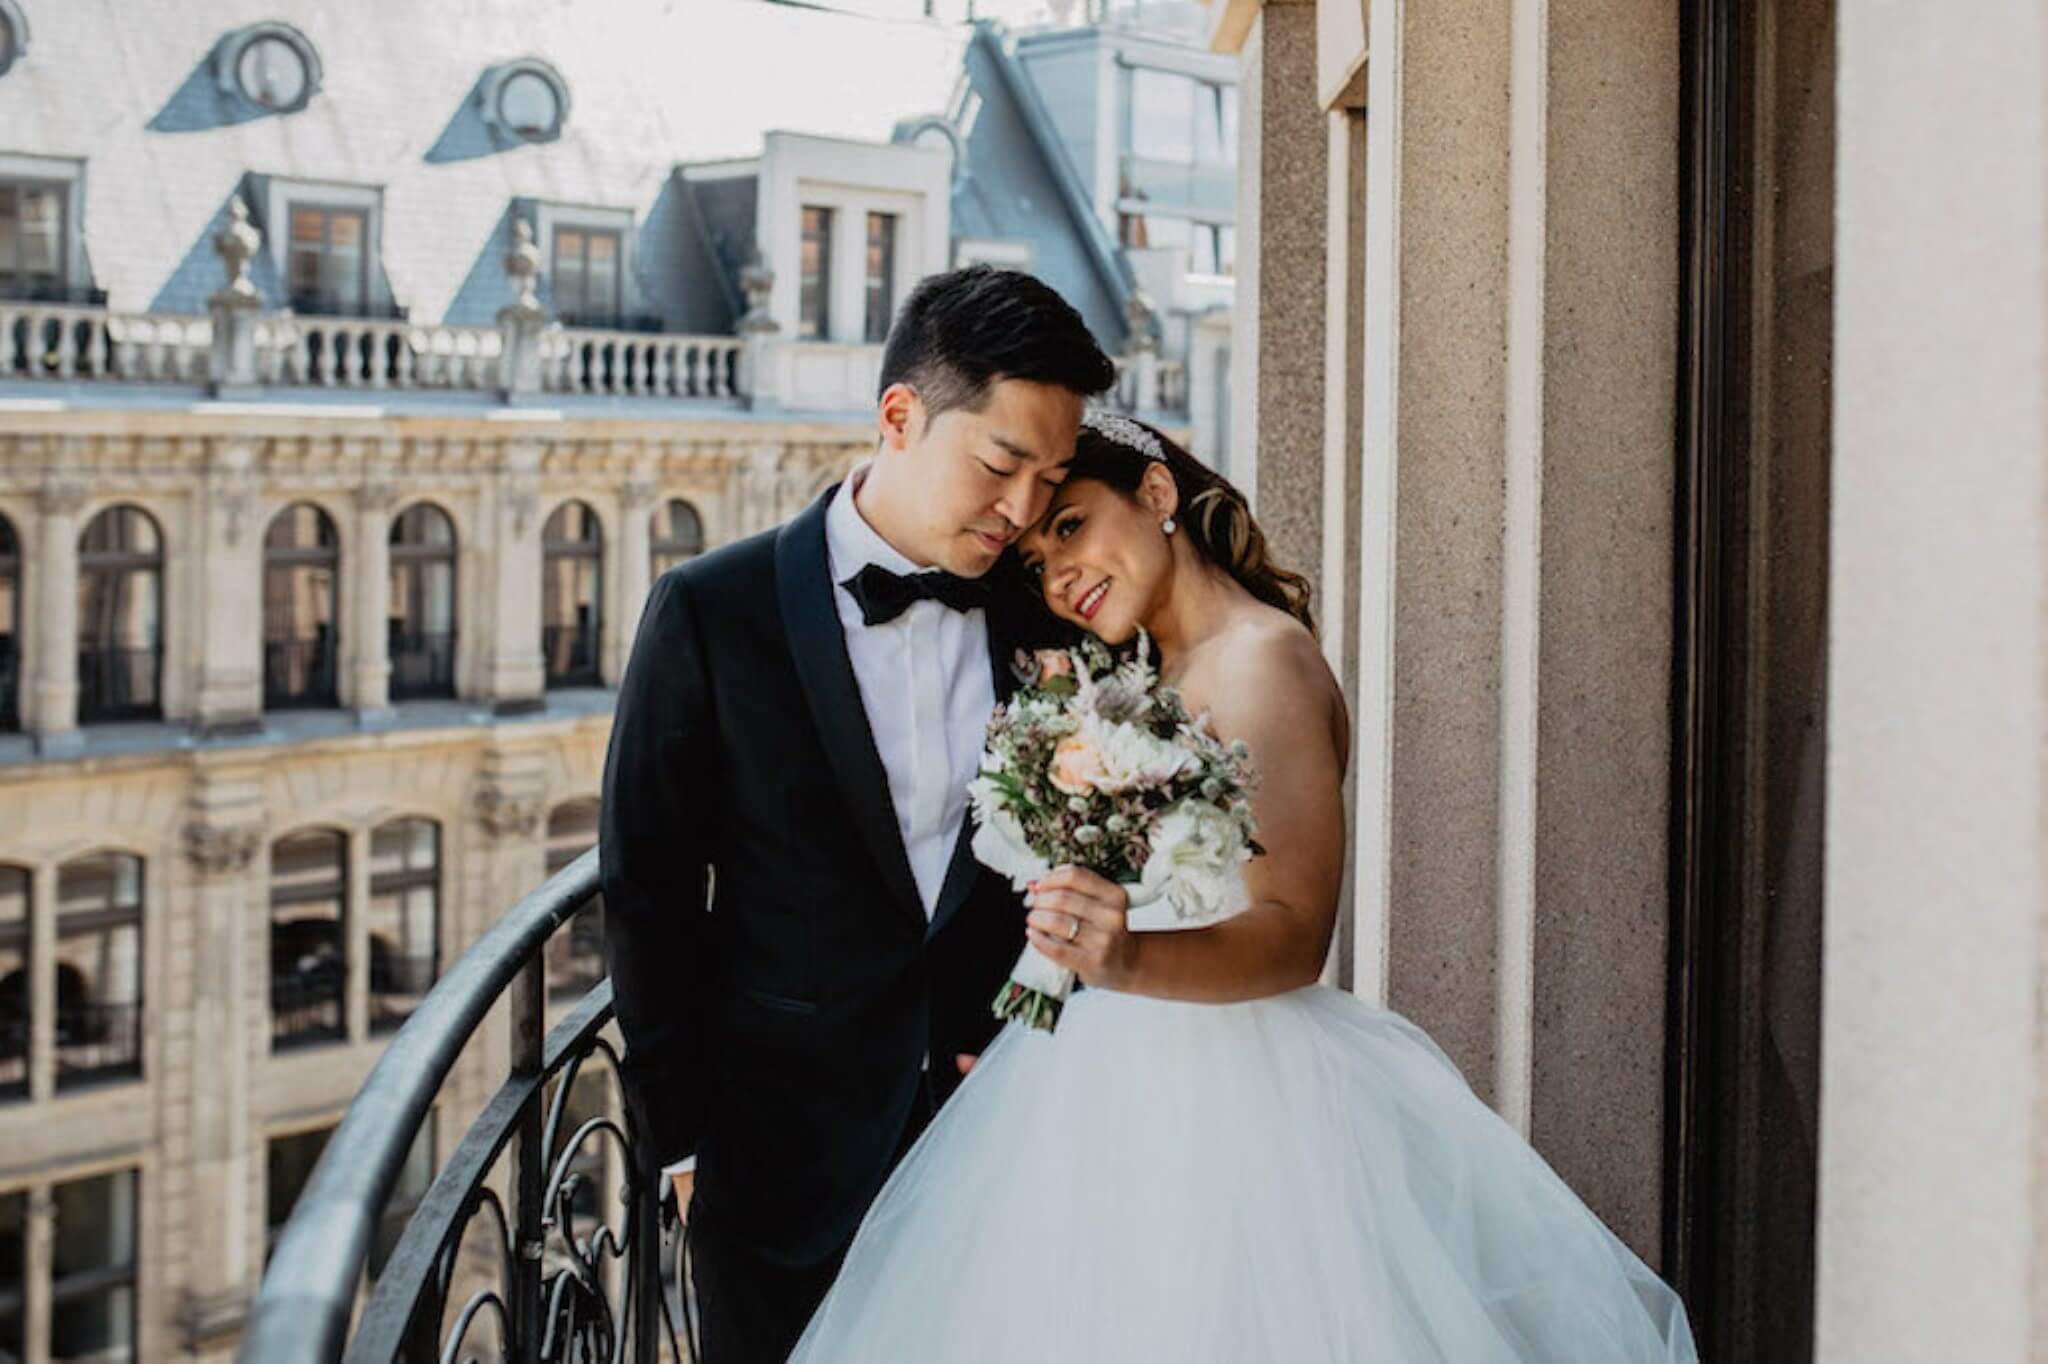 Koreanische Hochzeit in Berlin-Friedrichshain in einer alten Turnhalle